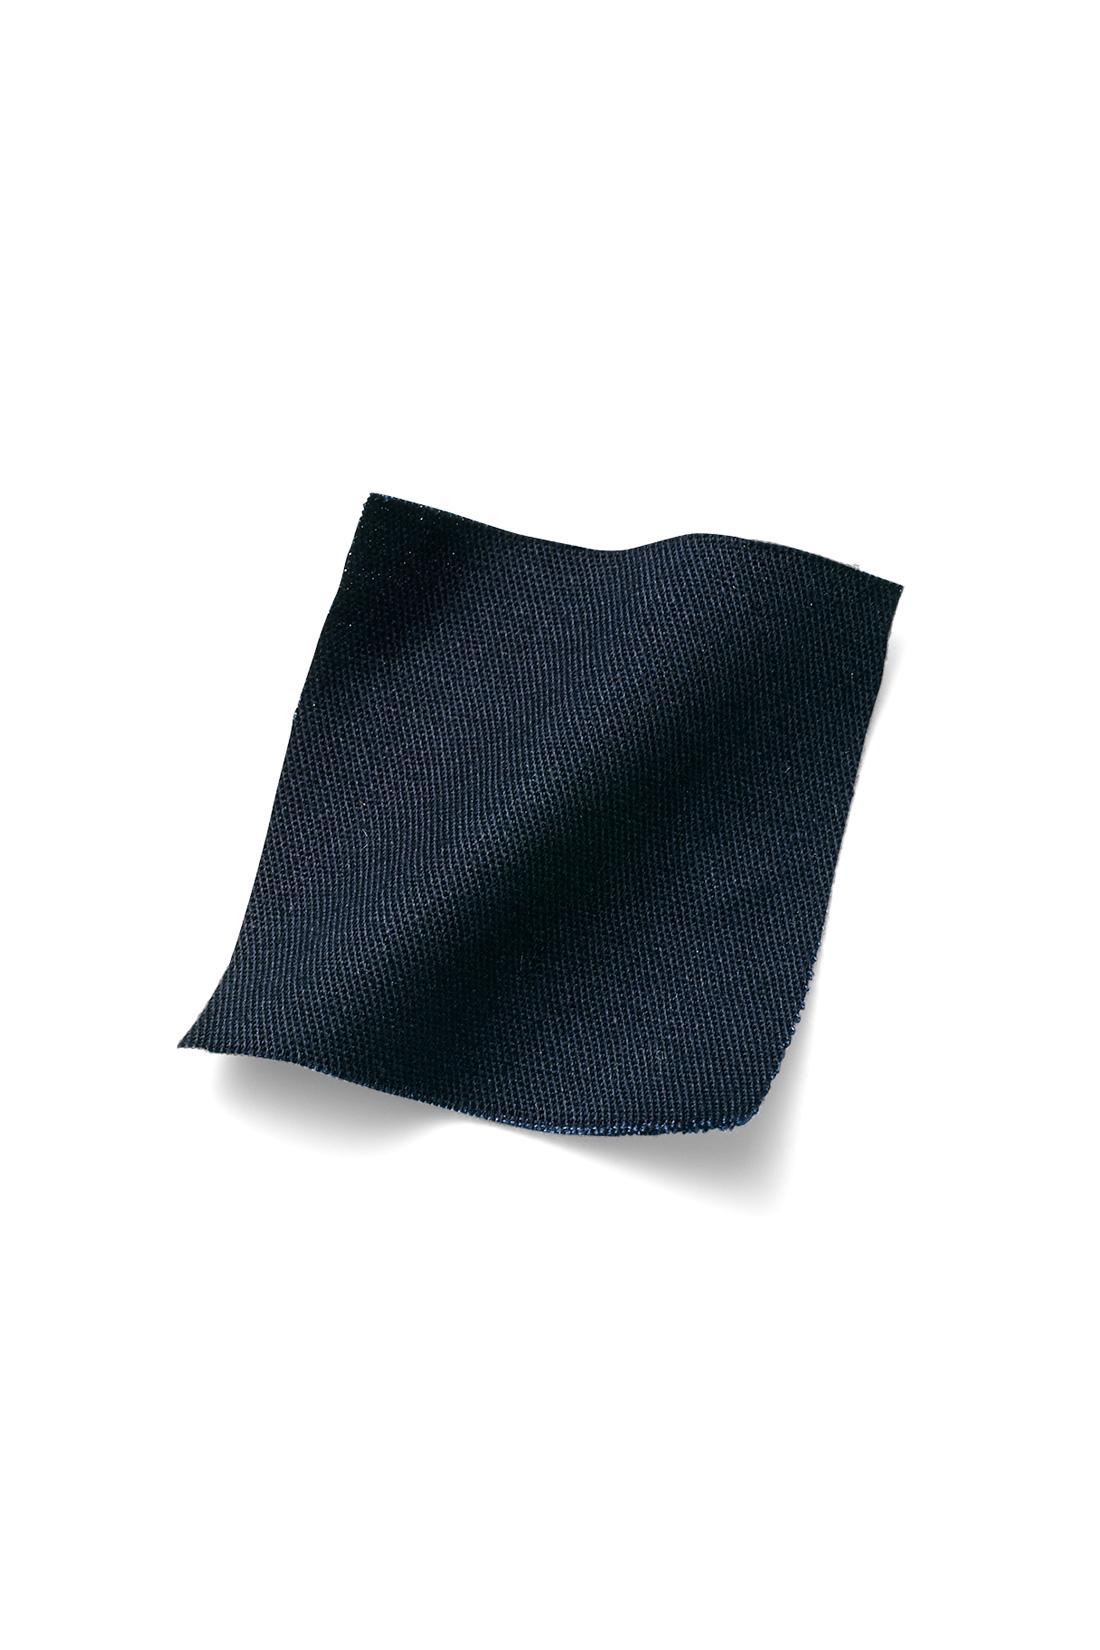 ほどよい張りと細かな綾目のきれいめツイル素材 きめ細やかな綾目で織られ、丈夫でストレッチ性があるギャバジンというツイル素材。しなやかで微光沢がありカジュアルすぎず、上品さを醸し出します。 ※お届けするカラーとは異なります。